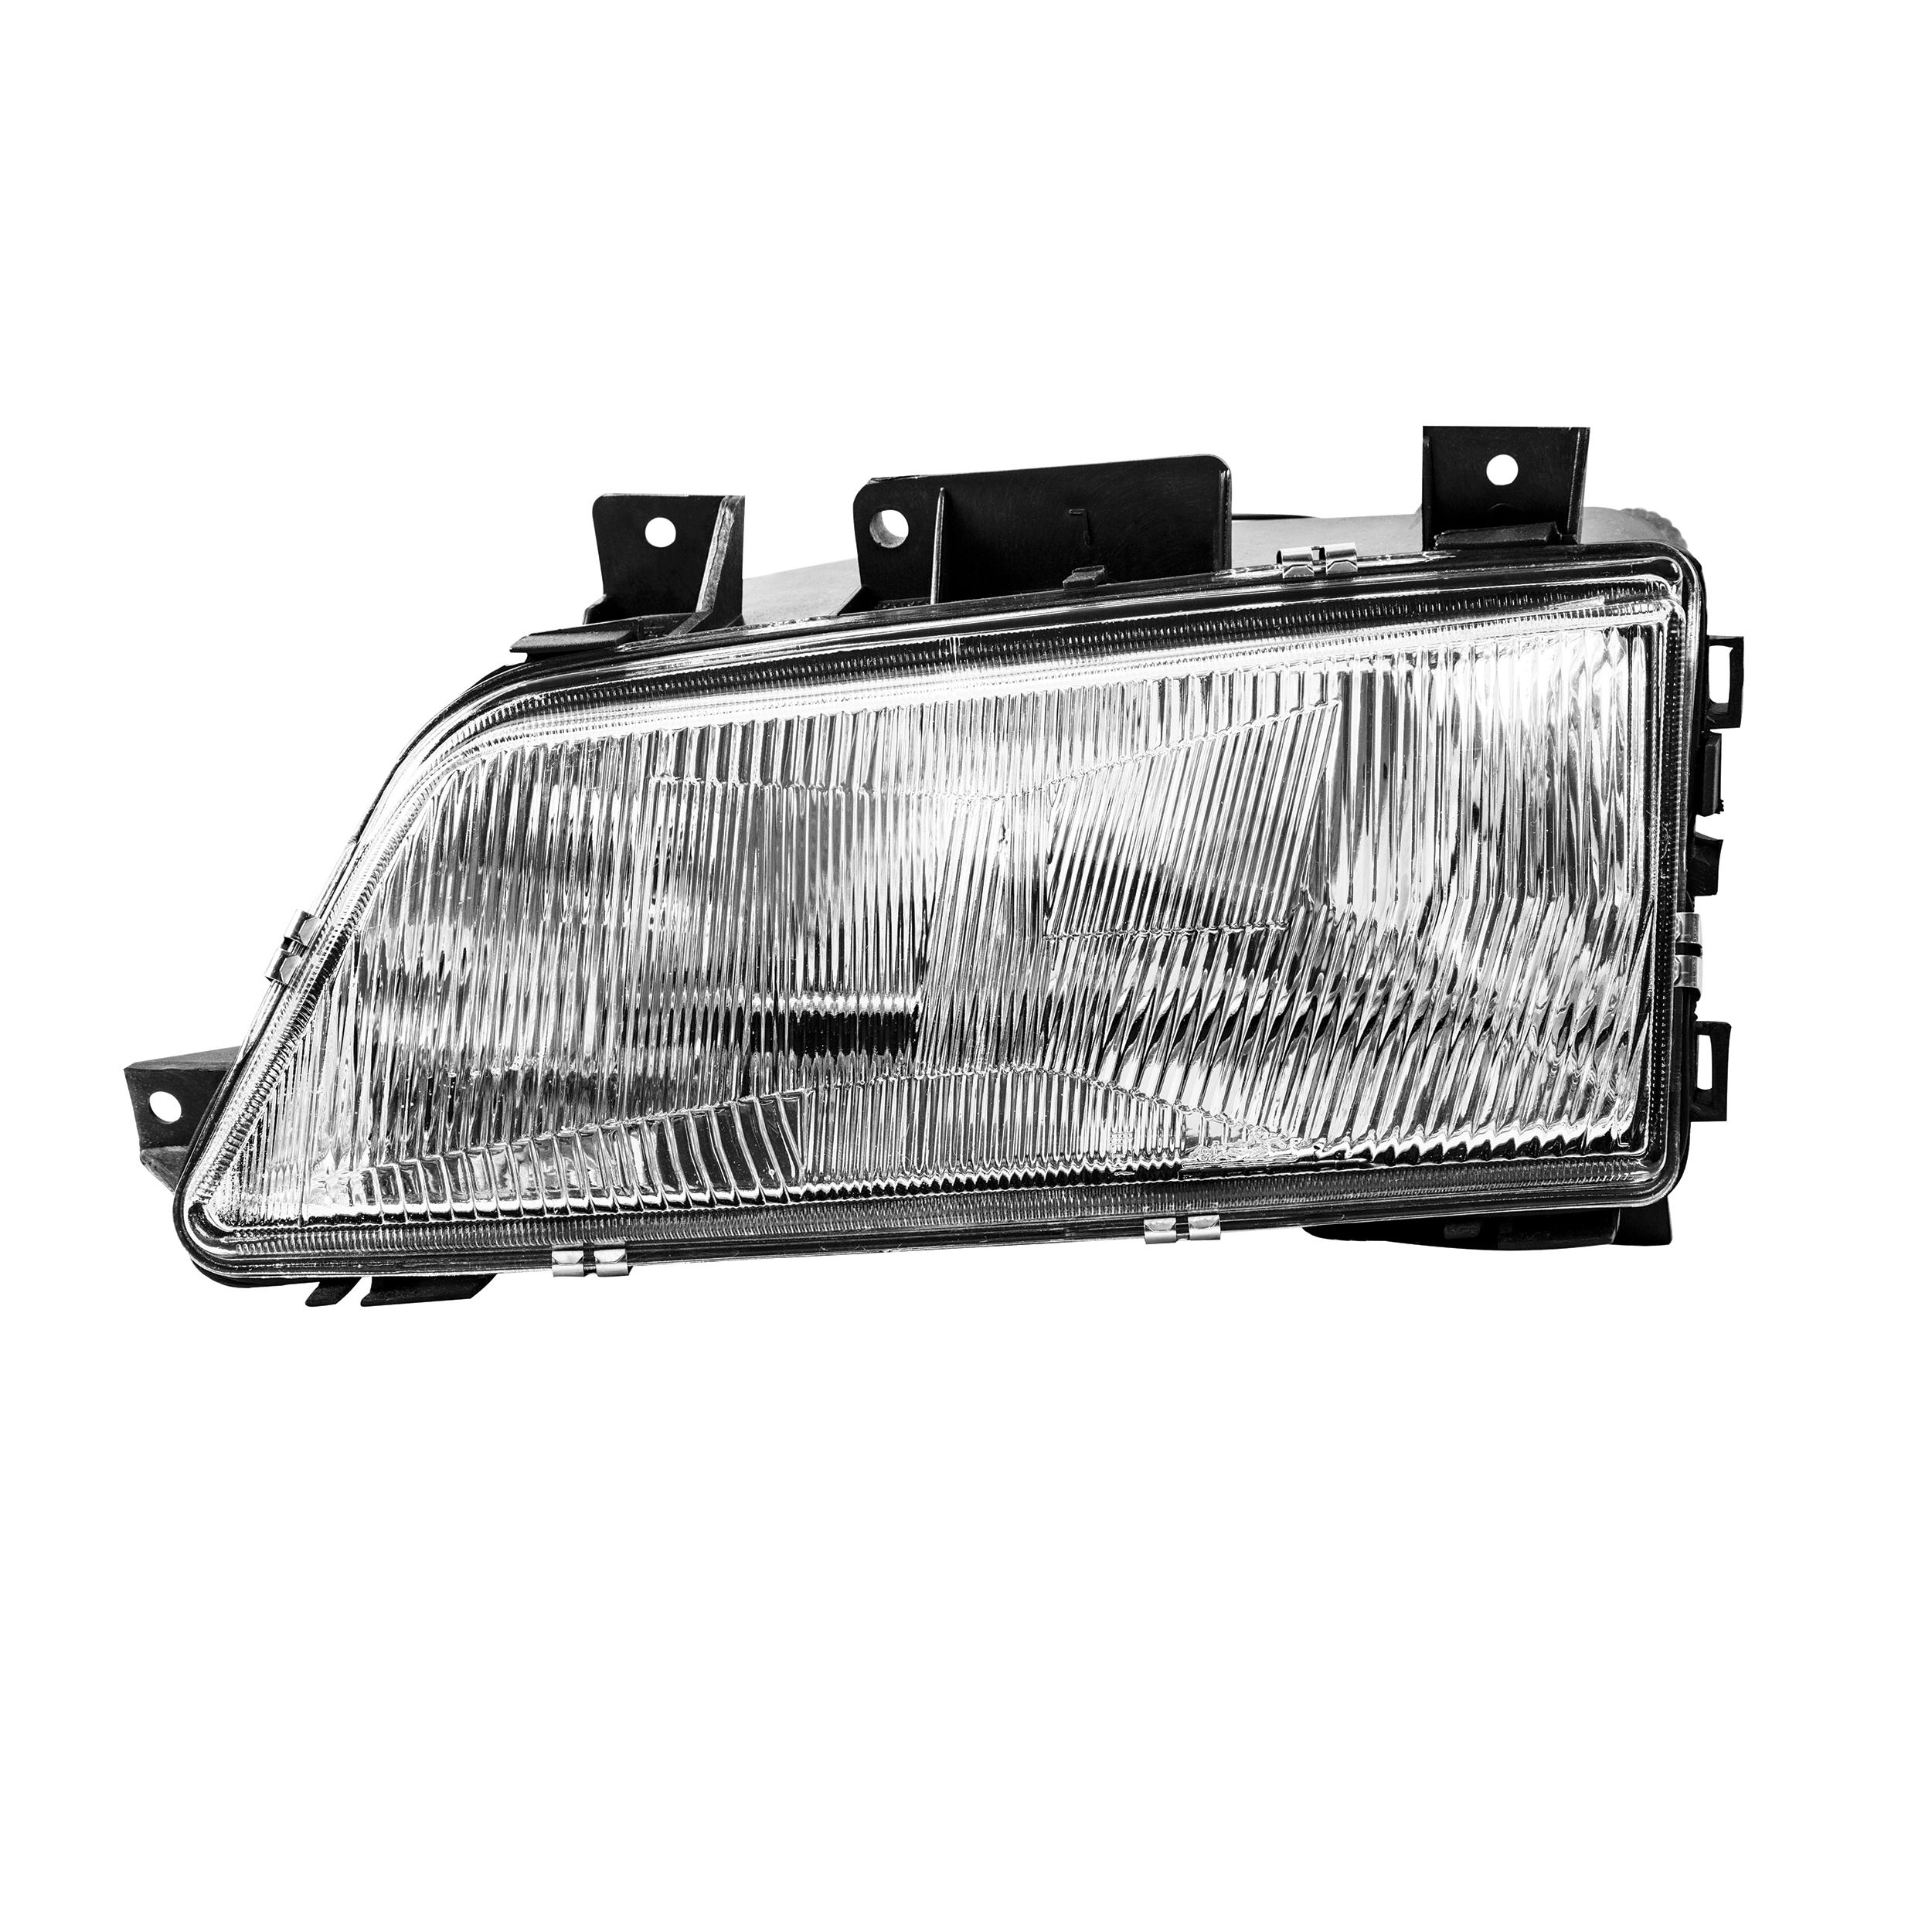 چراغ جلو چپ نیکنام مدل NHLP مناسب برای پژو 405